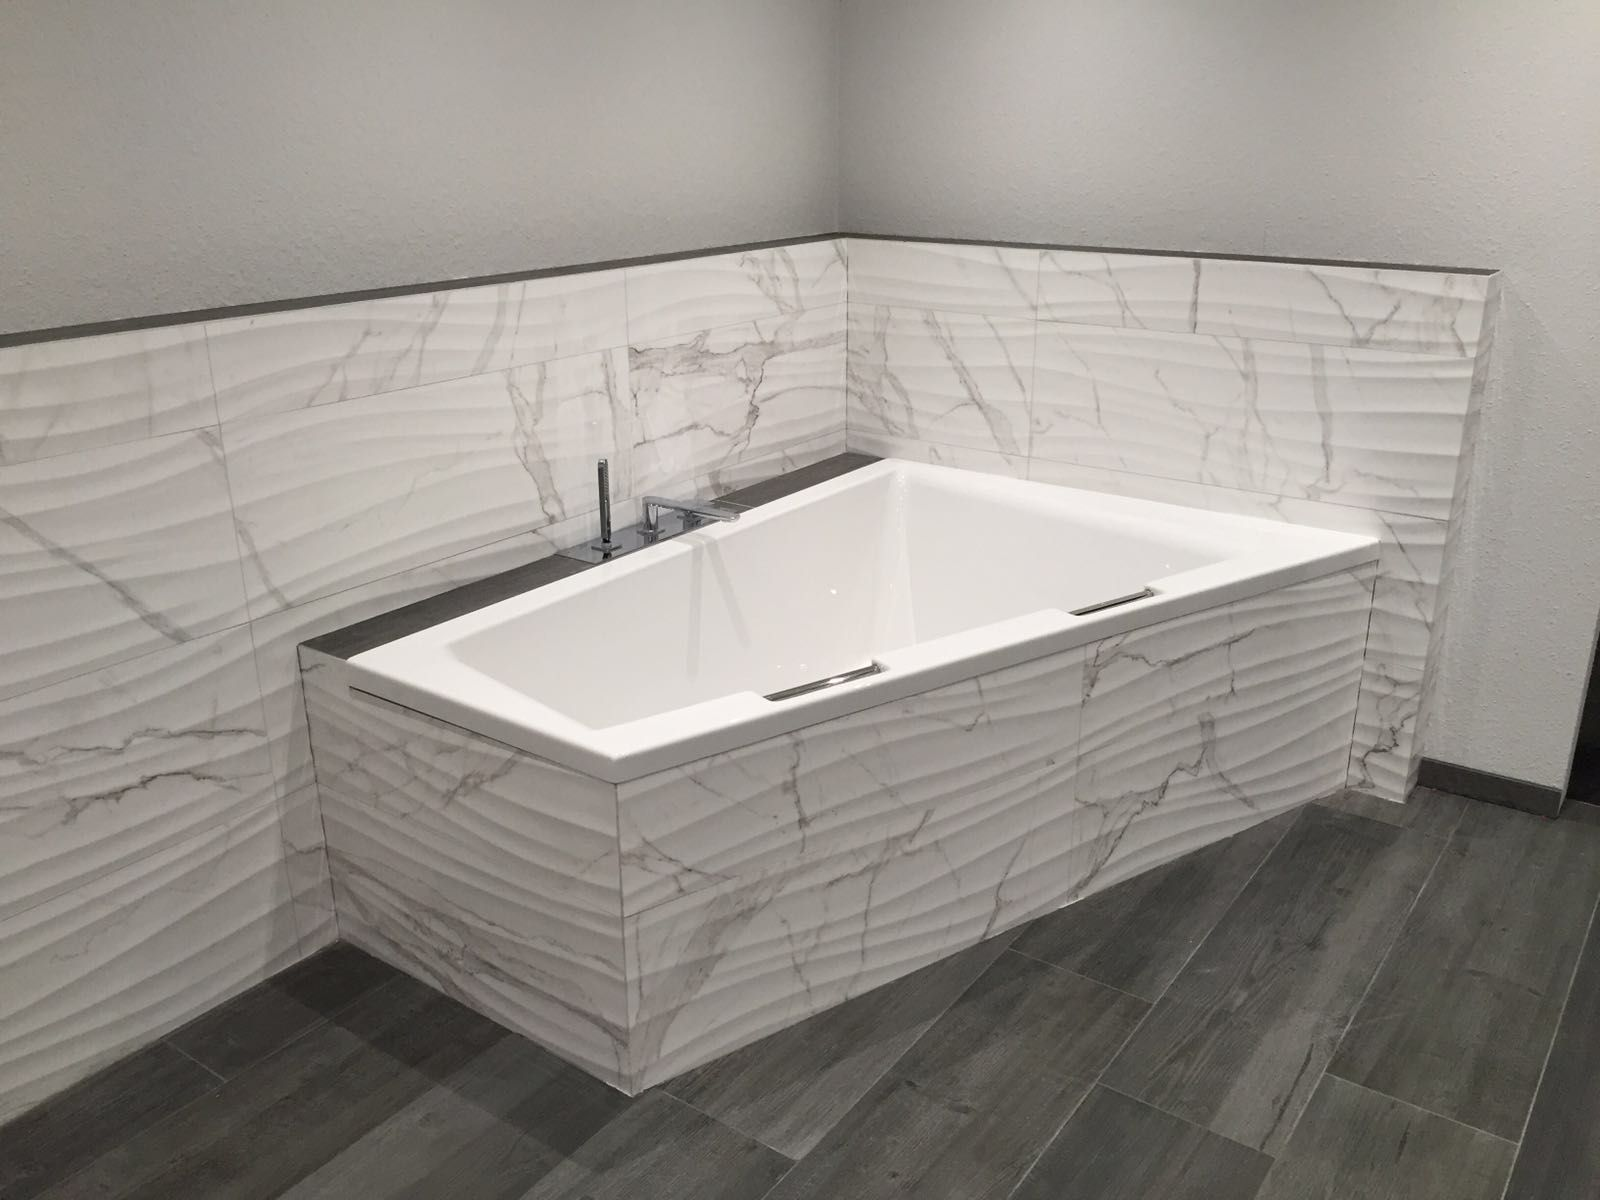 Badezimmer Badewanne ~ Designer badezimmer badewanne waschbecken mit säule keramik